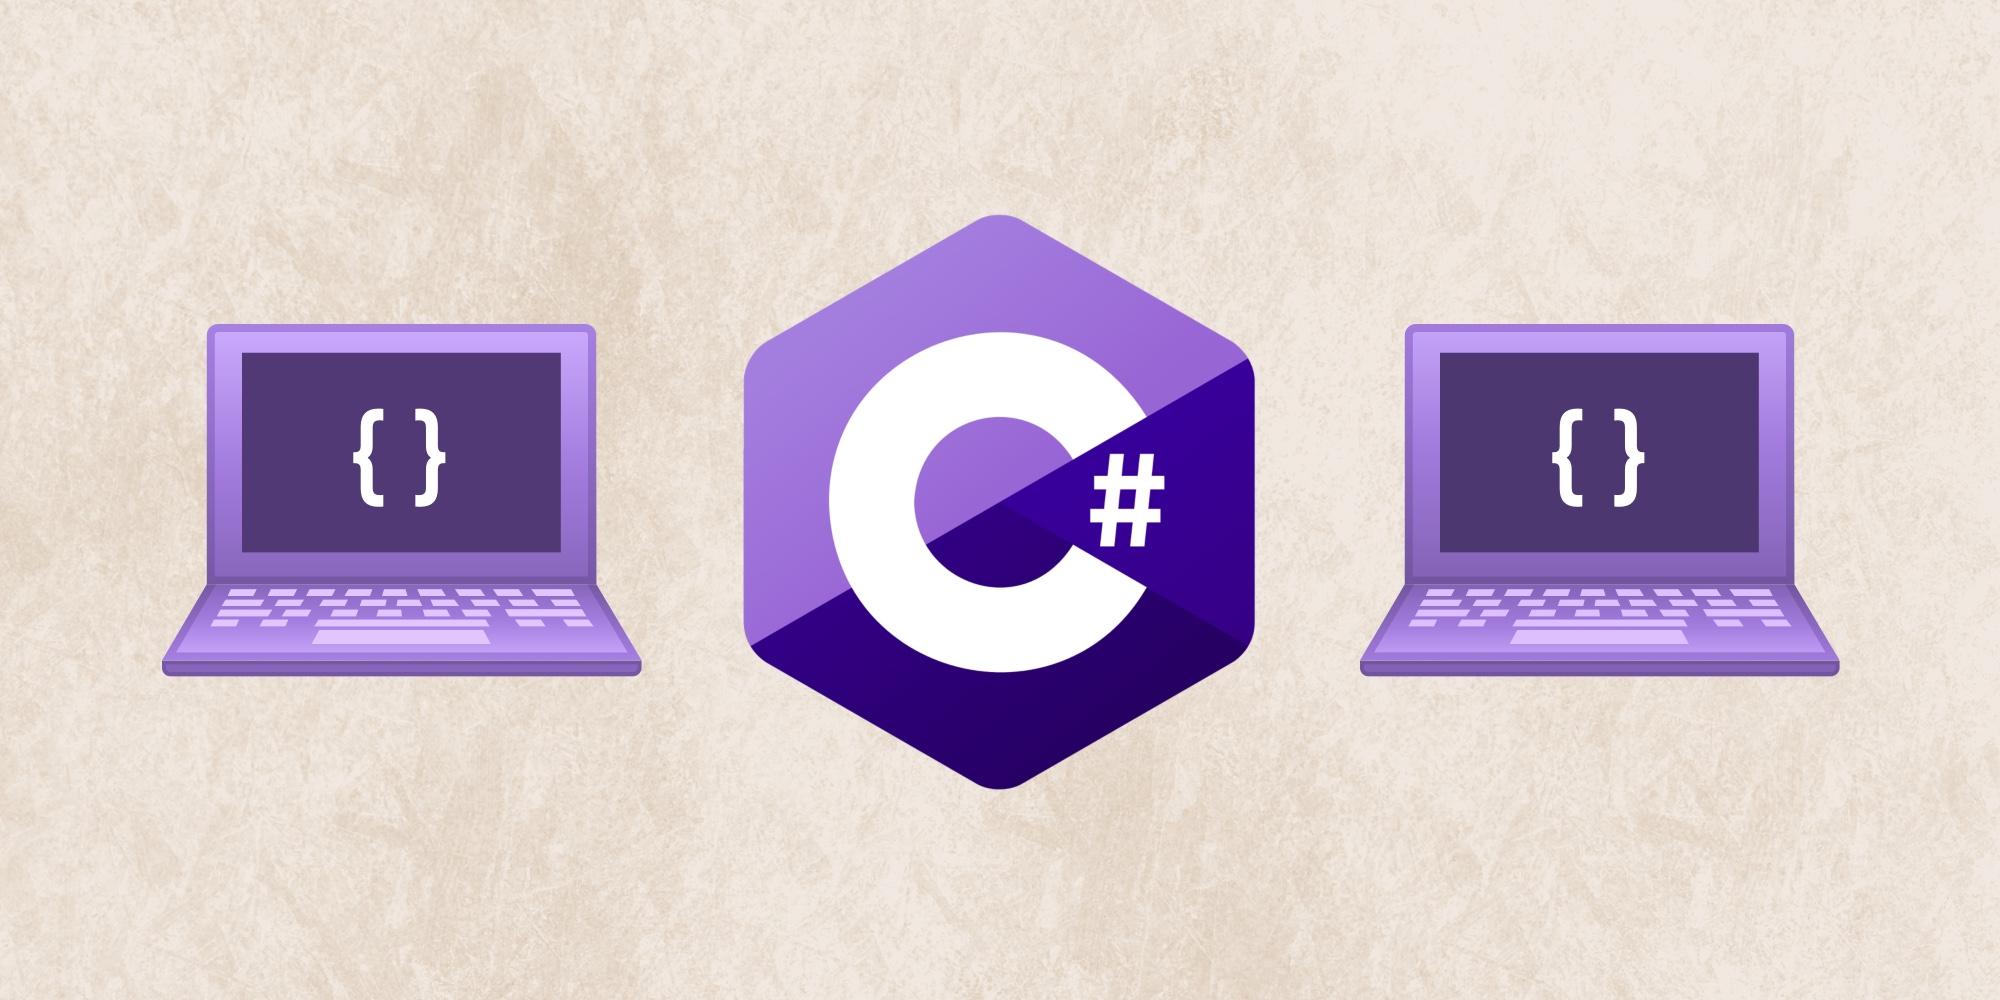 👨🎓️ Как стать разработчиком на C# в 2021 году?